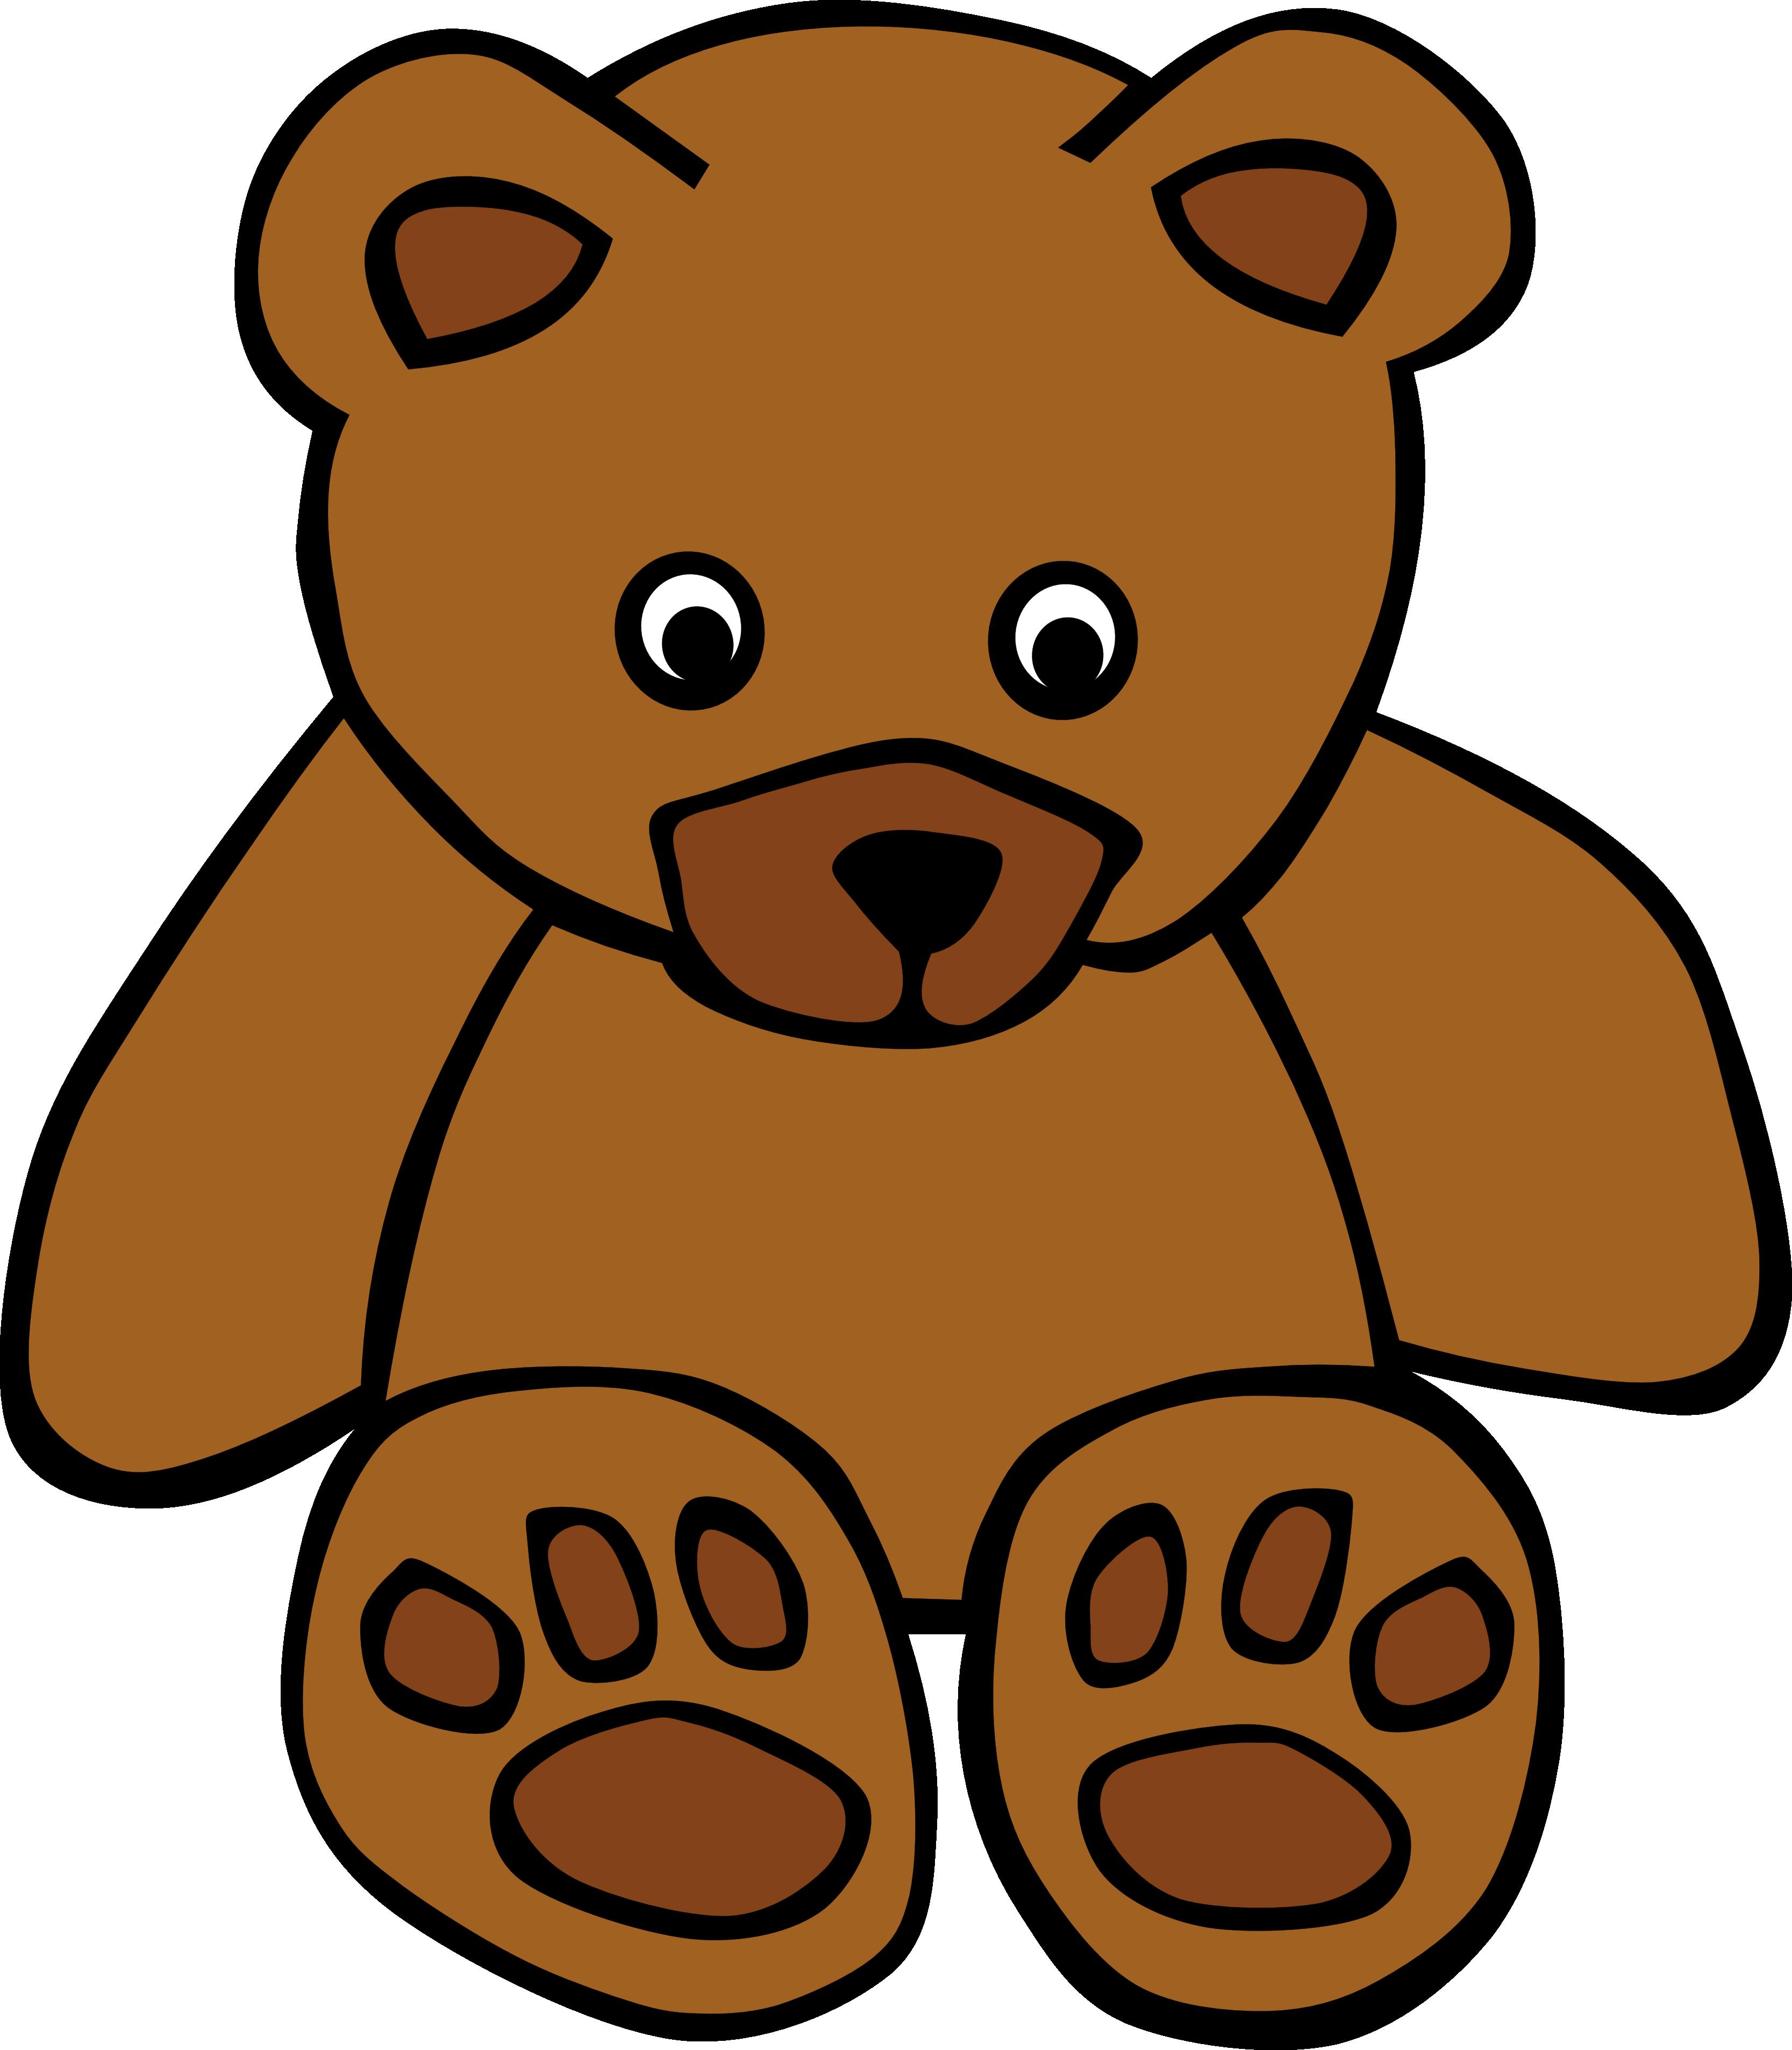 Lumberjack clipart cartoon. Baby teddy bear panda